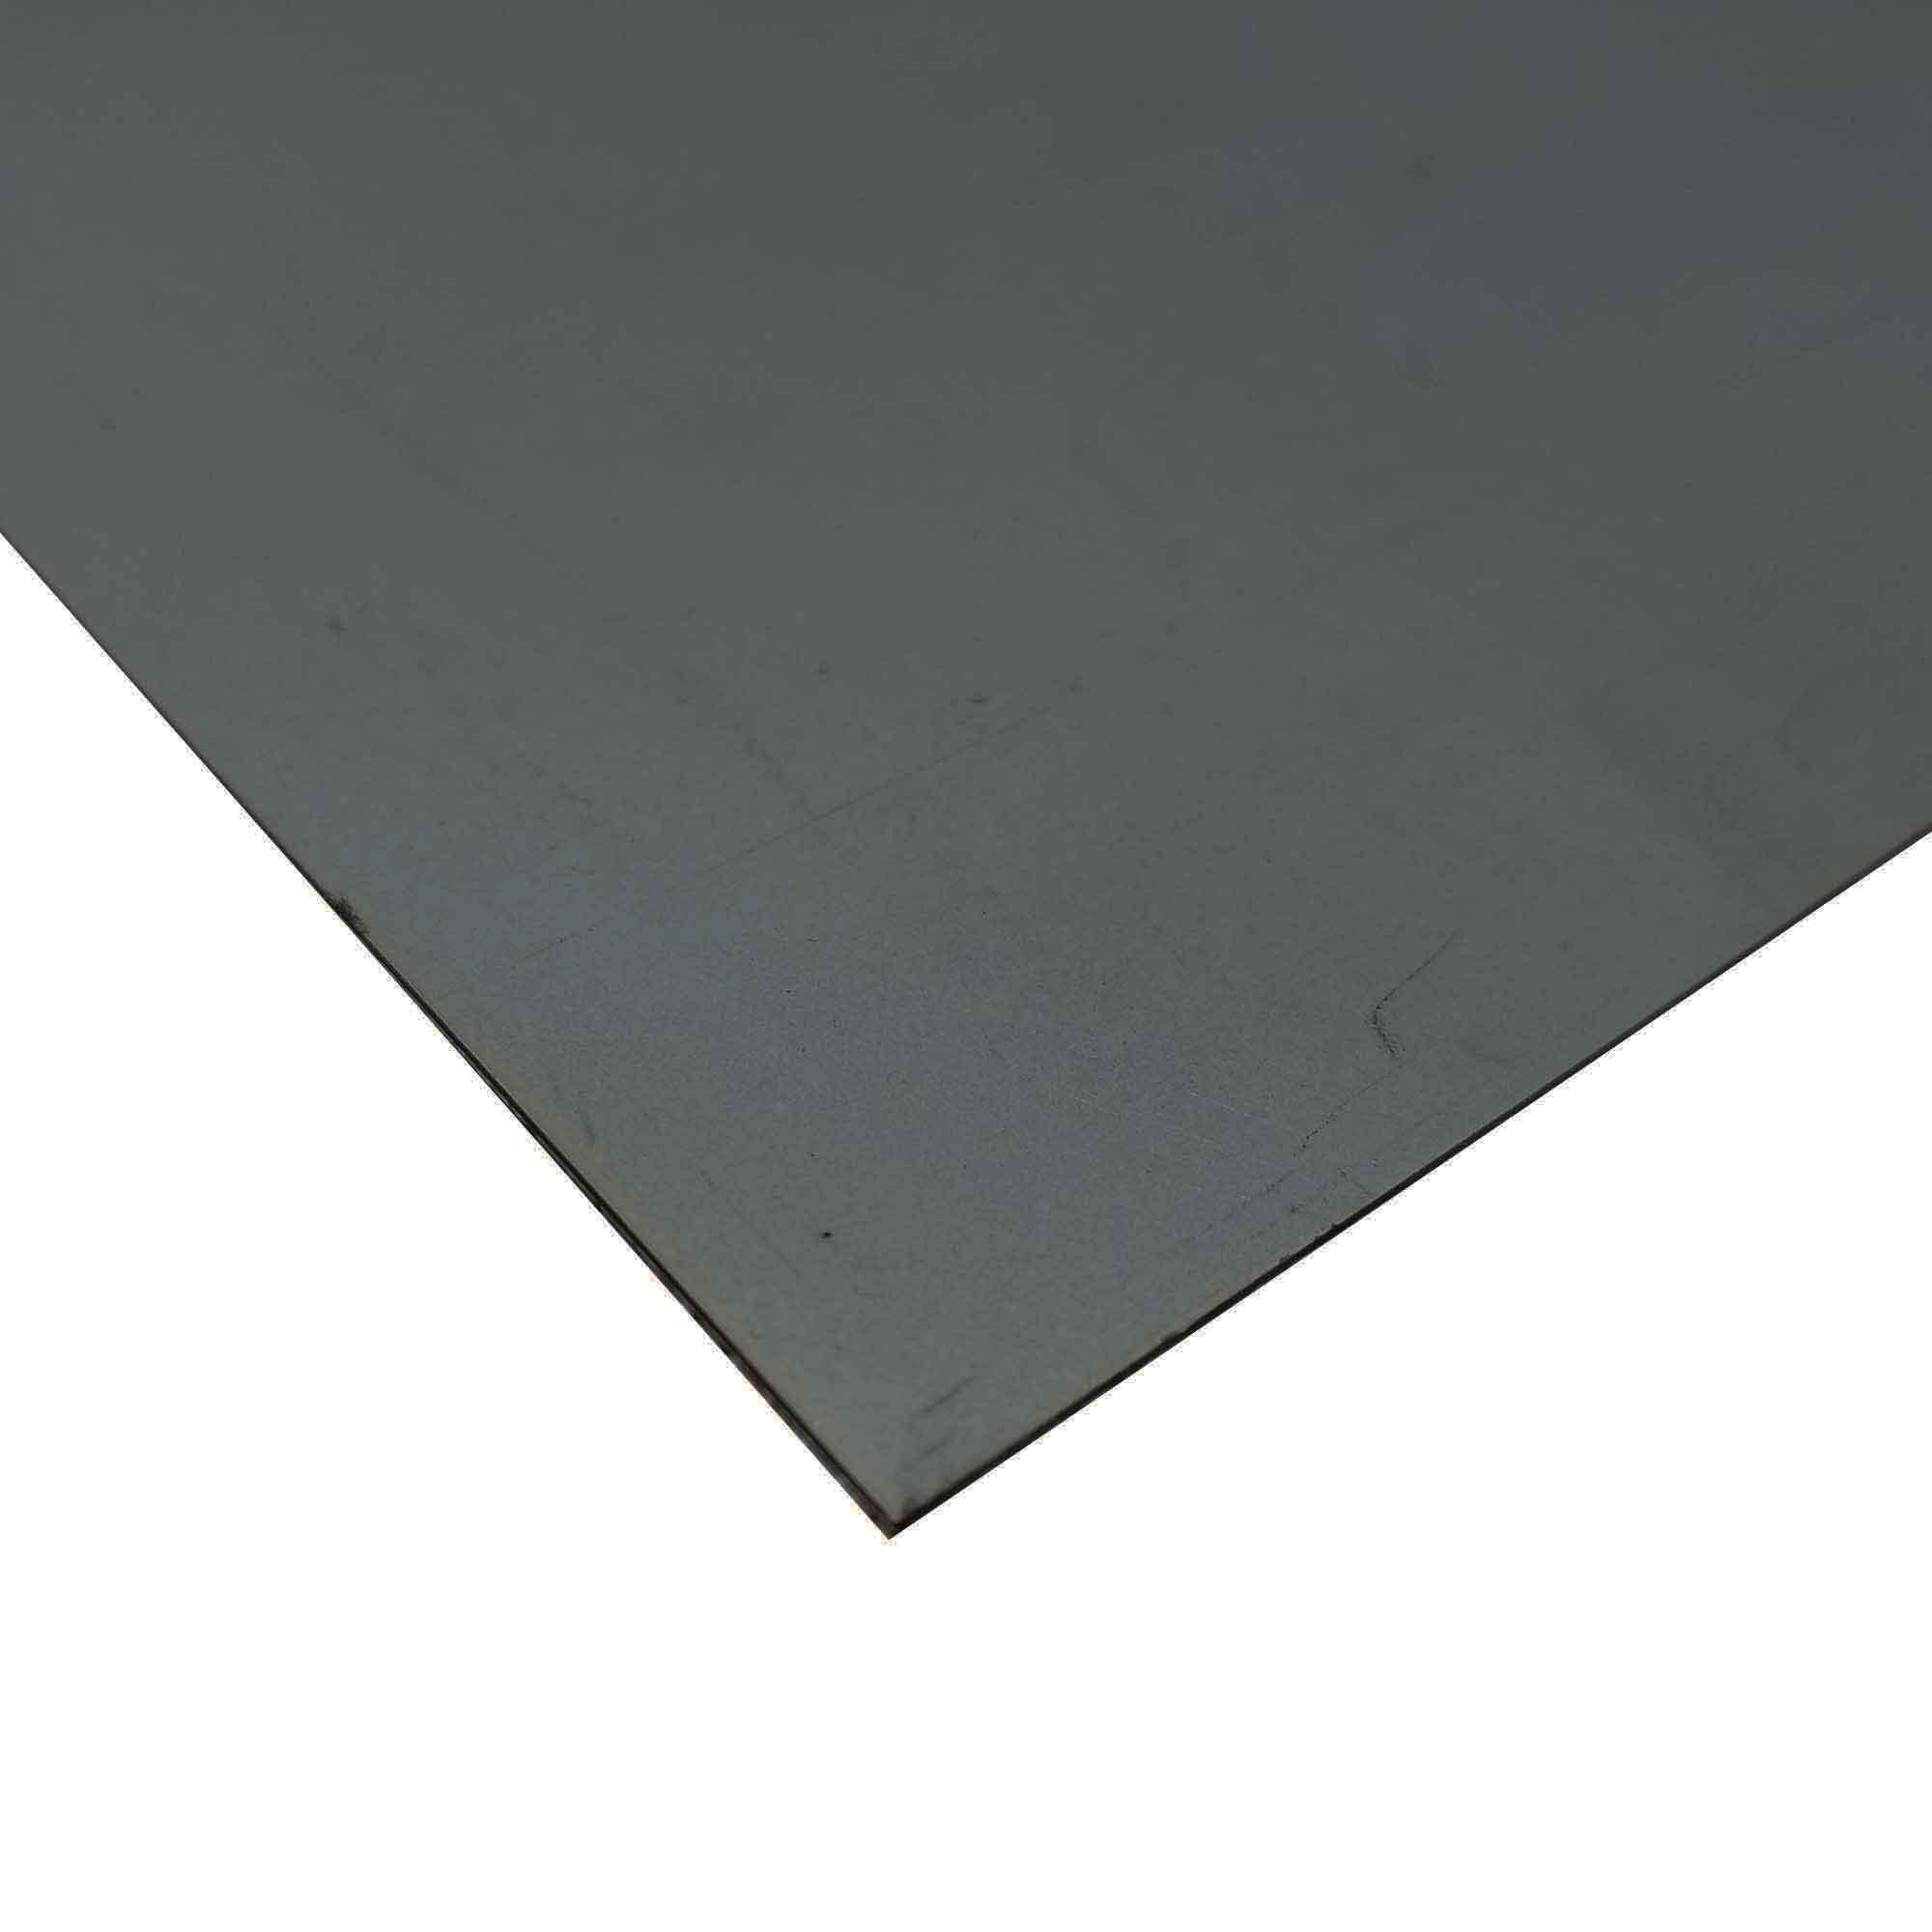 steel-sheet.jpg